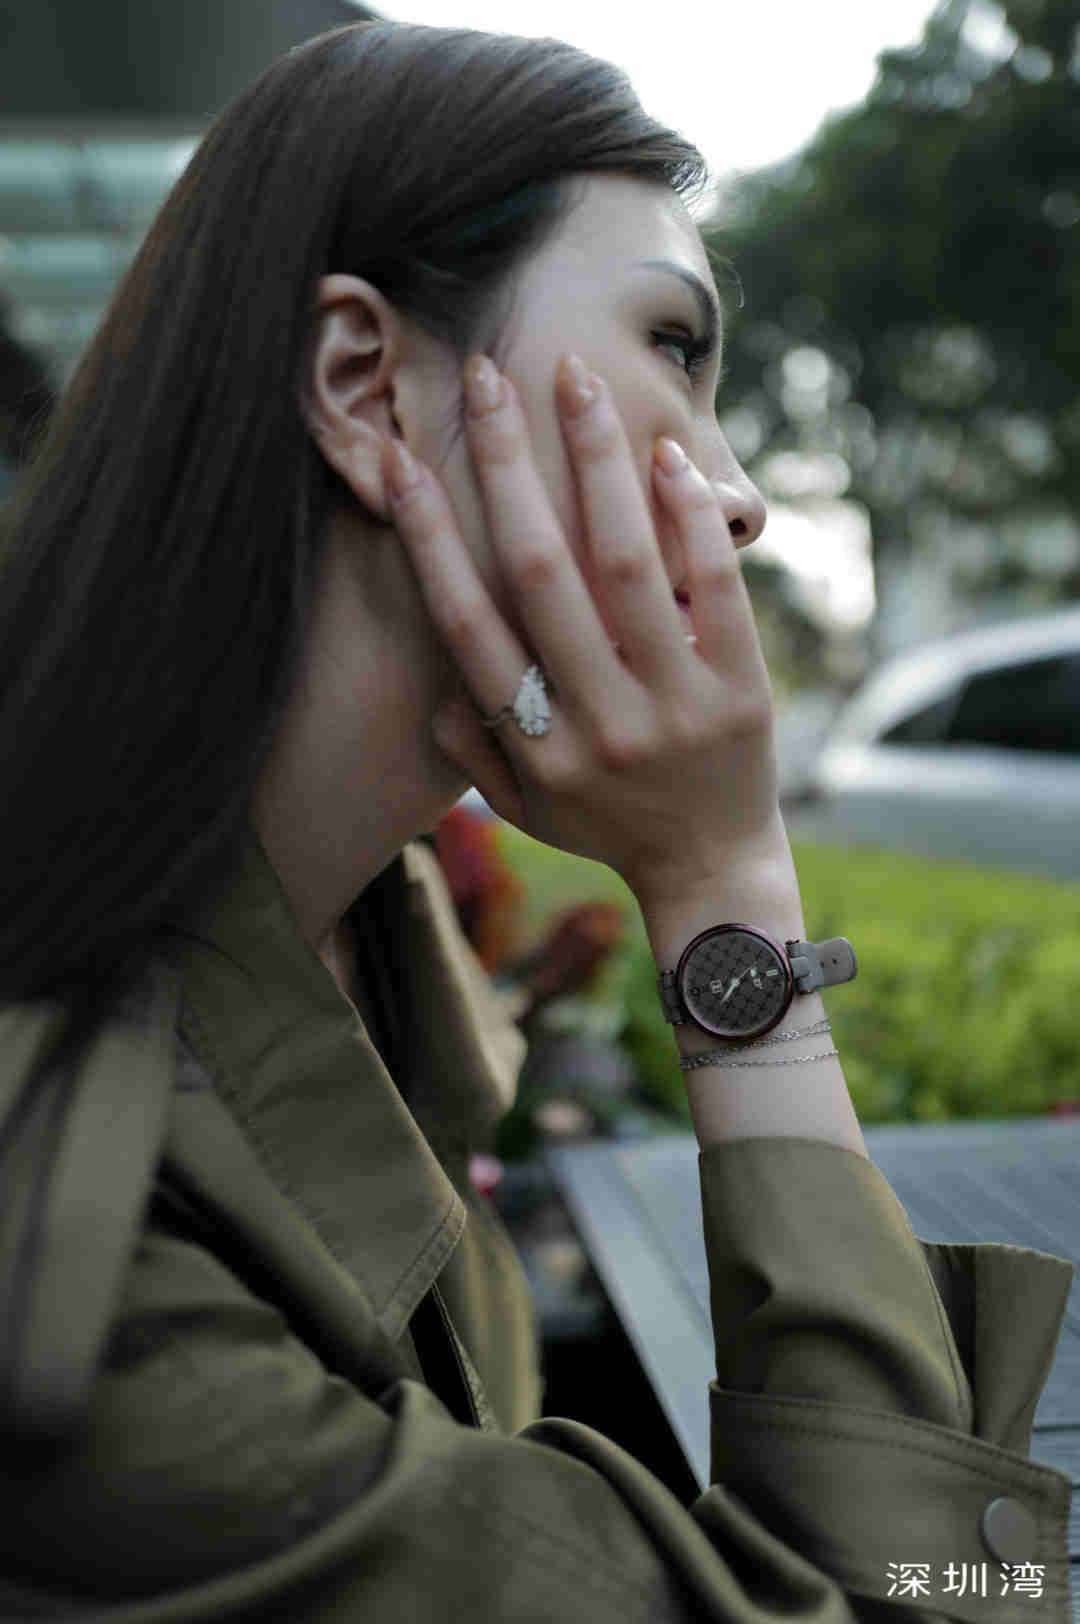 Garmin Lily portrait shenzhenware report image 3x2 2022